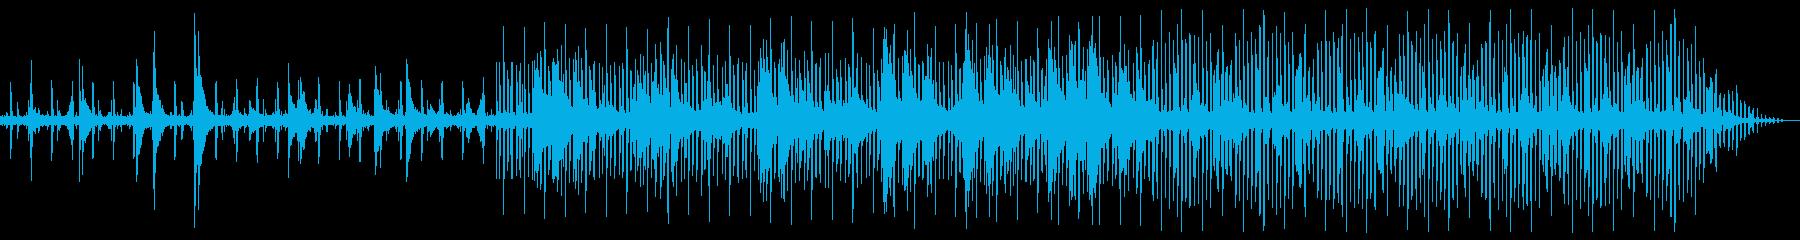 アート音楽 個性的で革新的なCMにの再生済みの波形